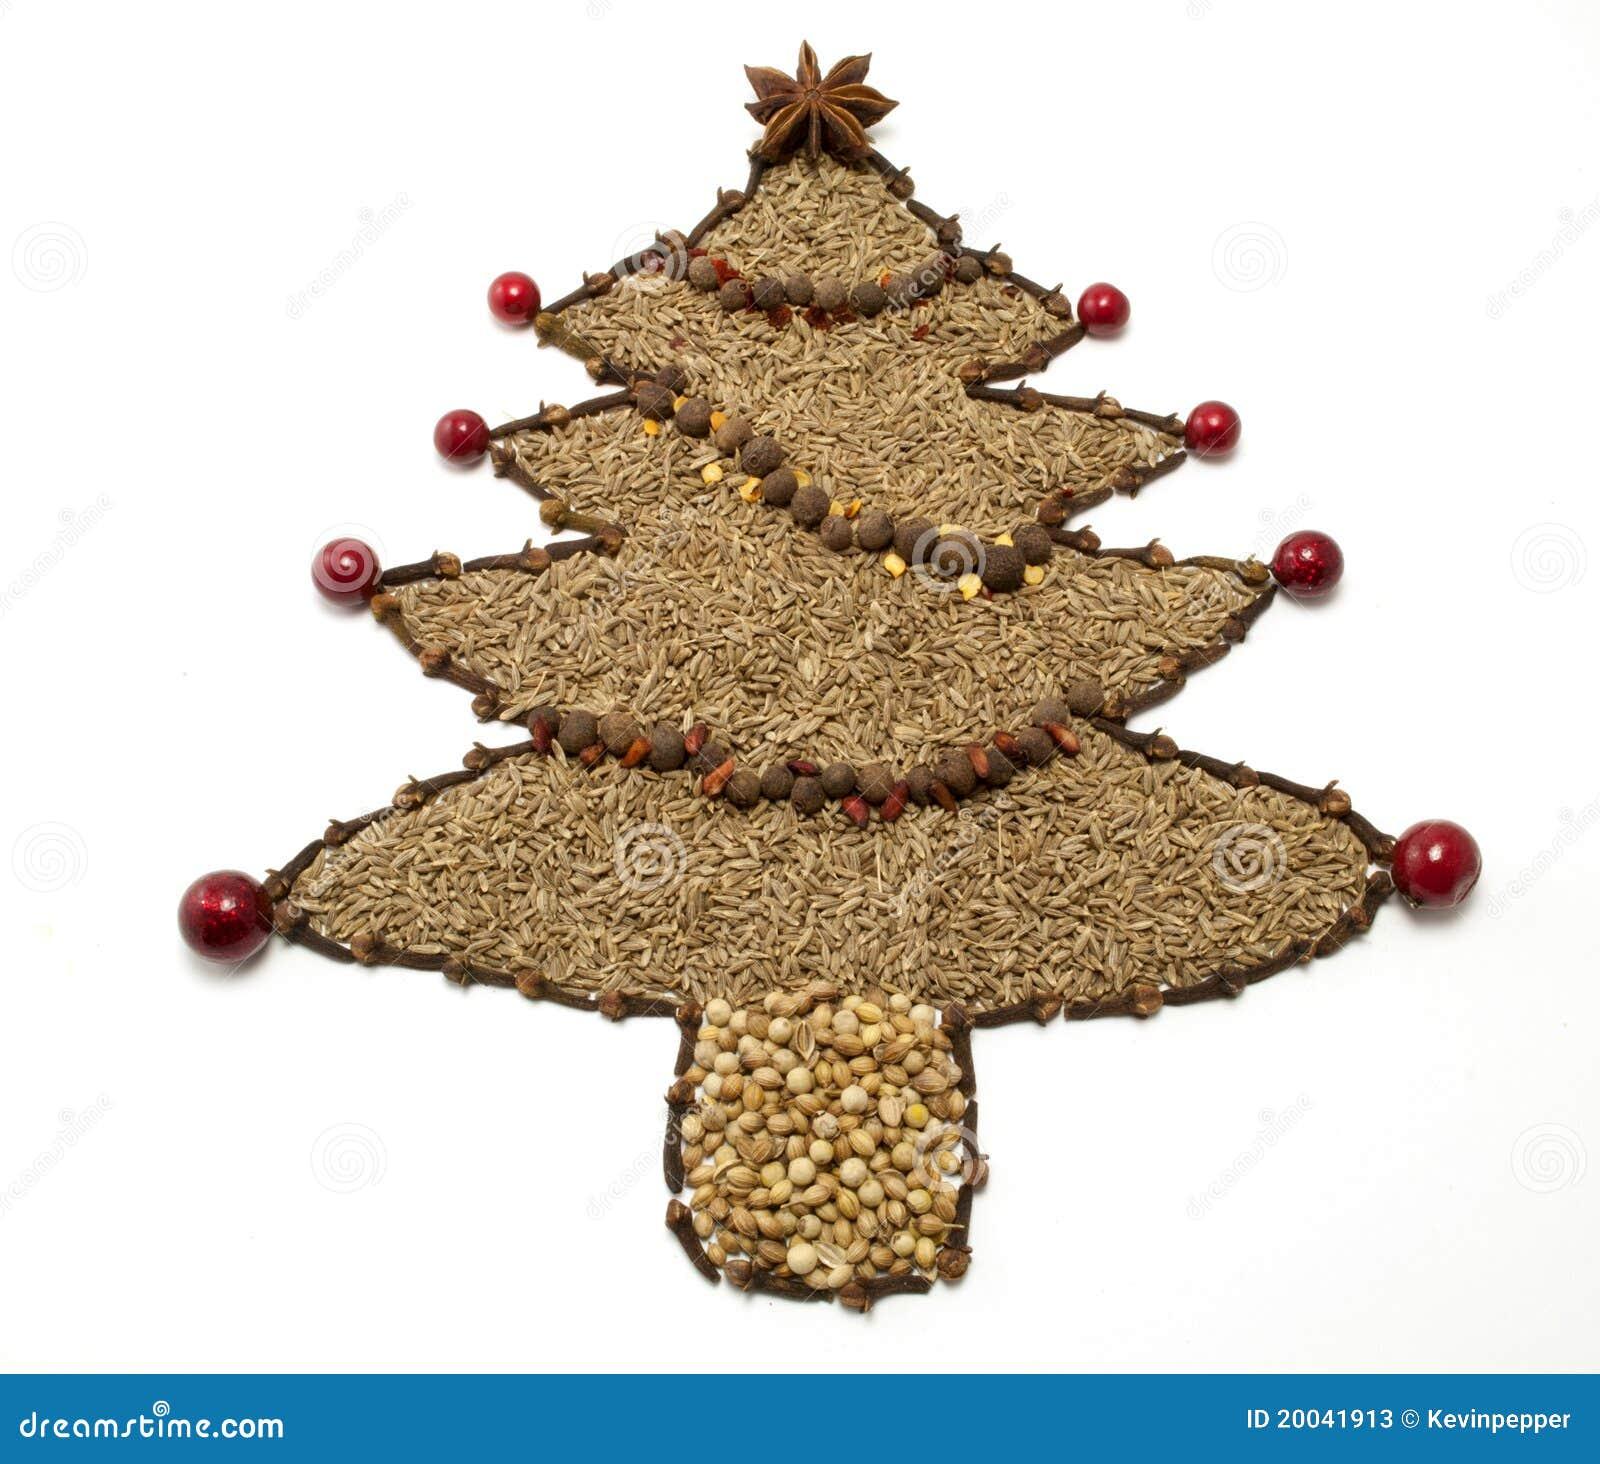 Dried spice christmas tree stock photos image